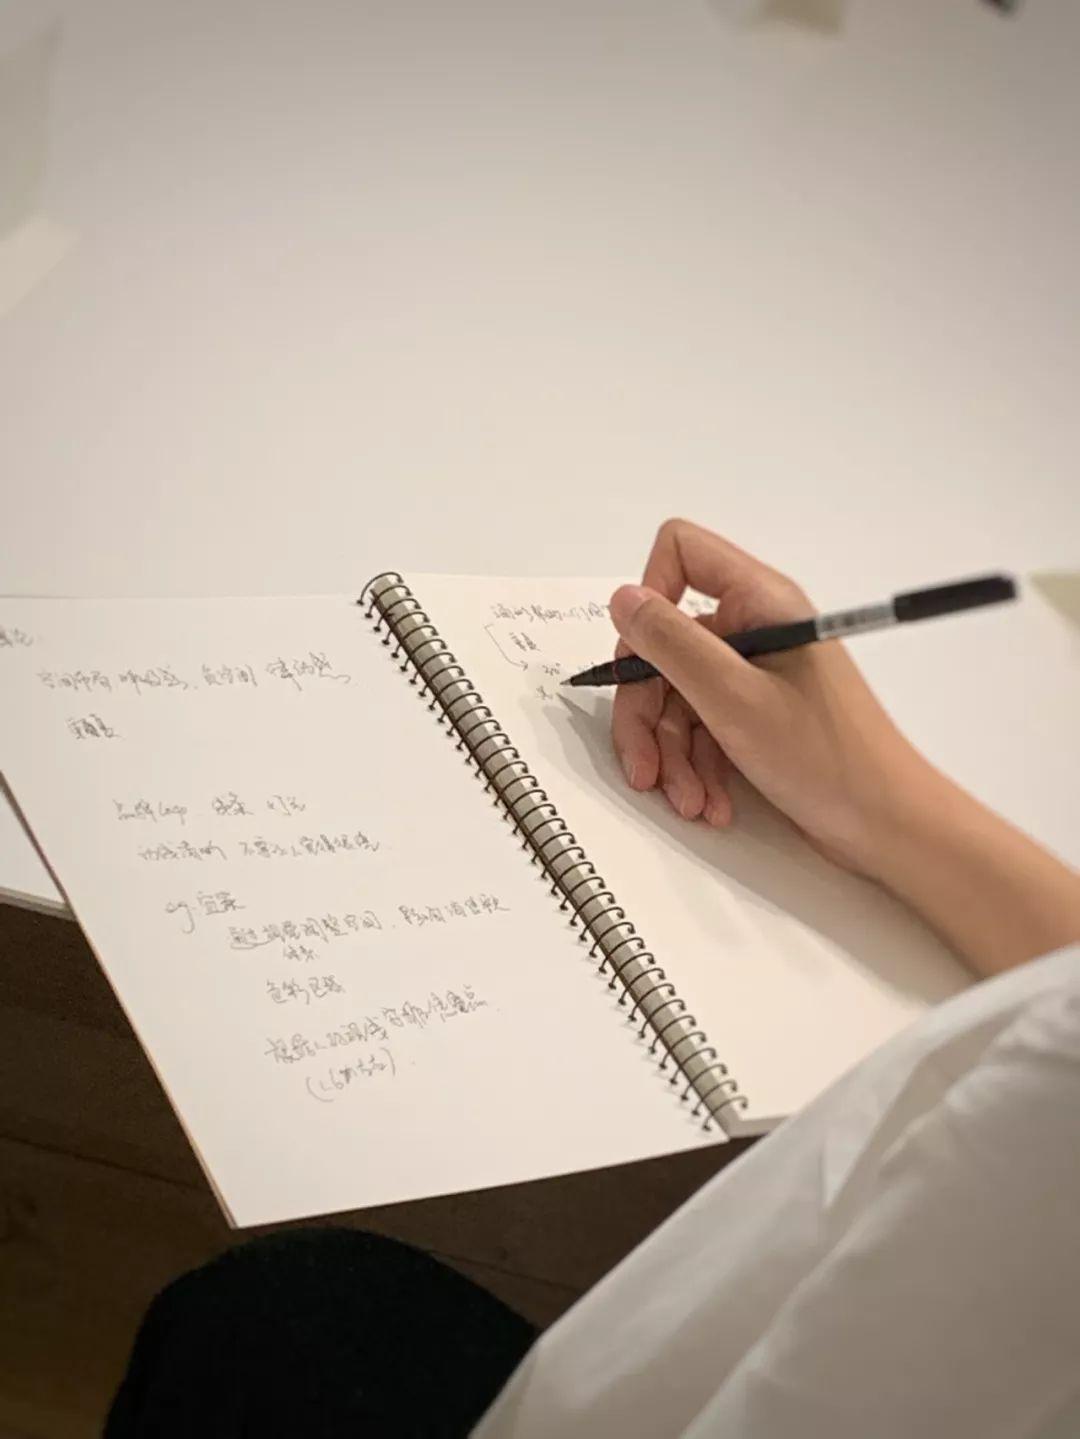 视觉营销陈列设计,中赫时尚,空间设计,店面形象